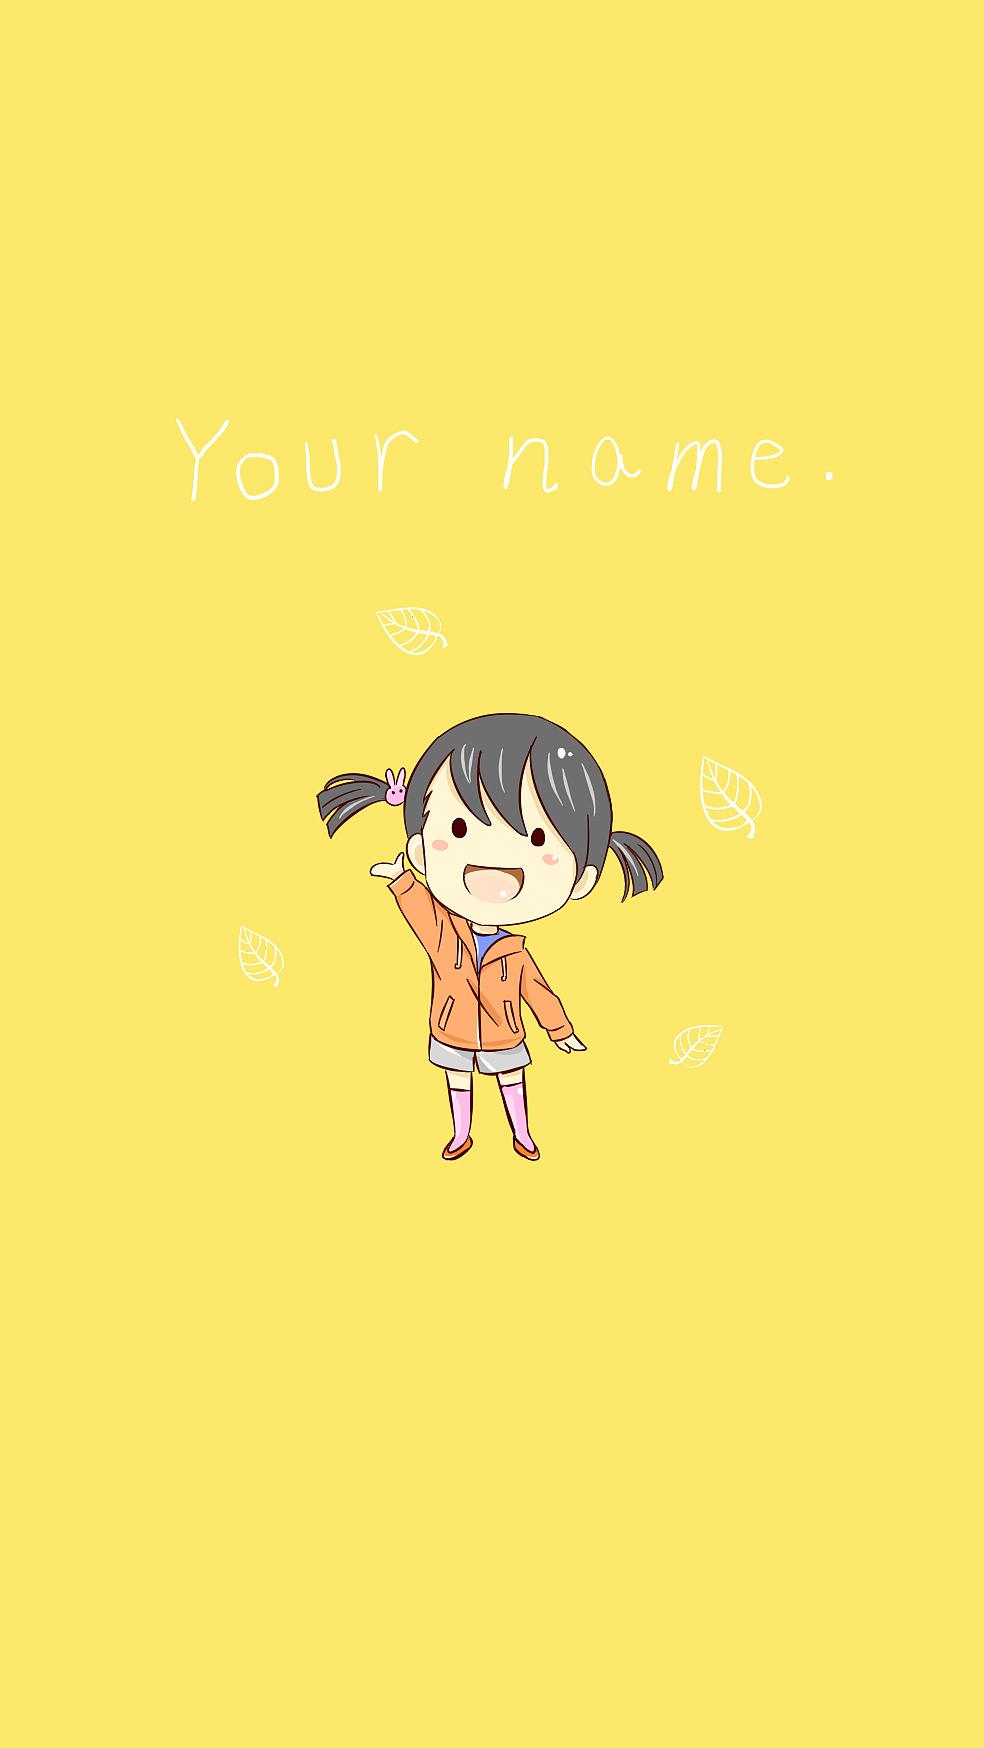 《你的名字.》手绘